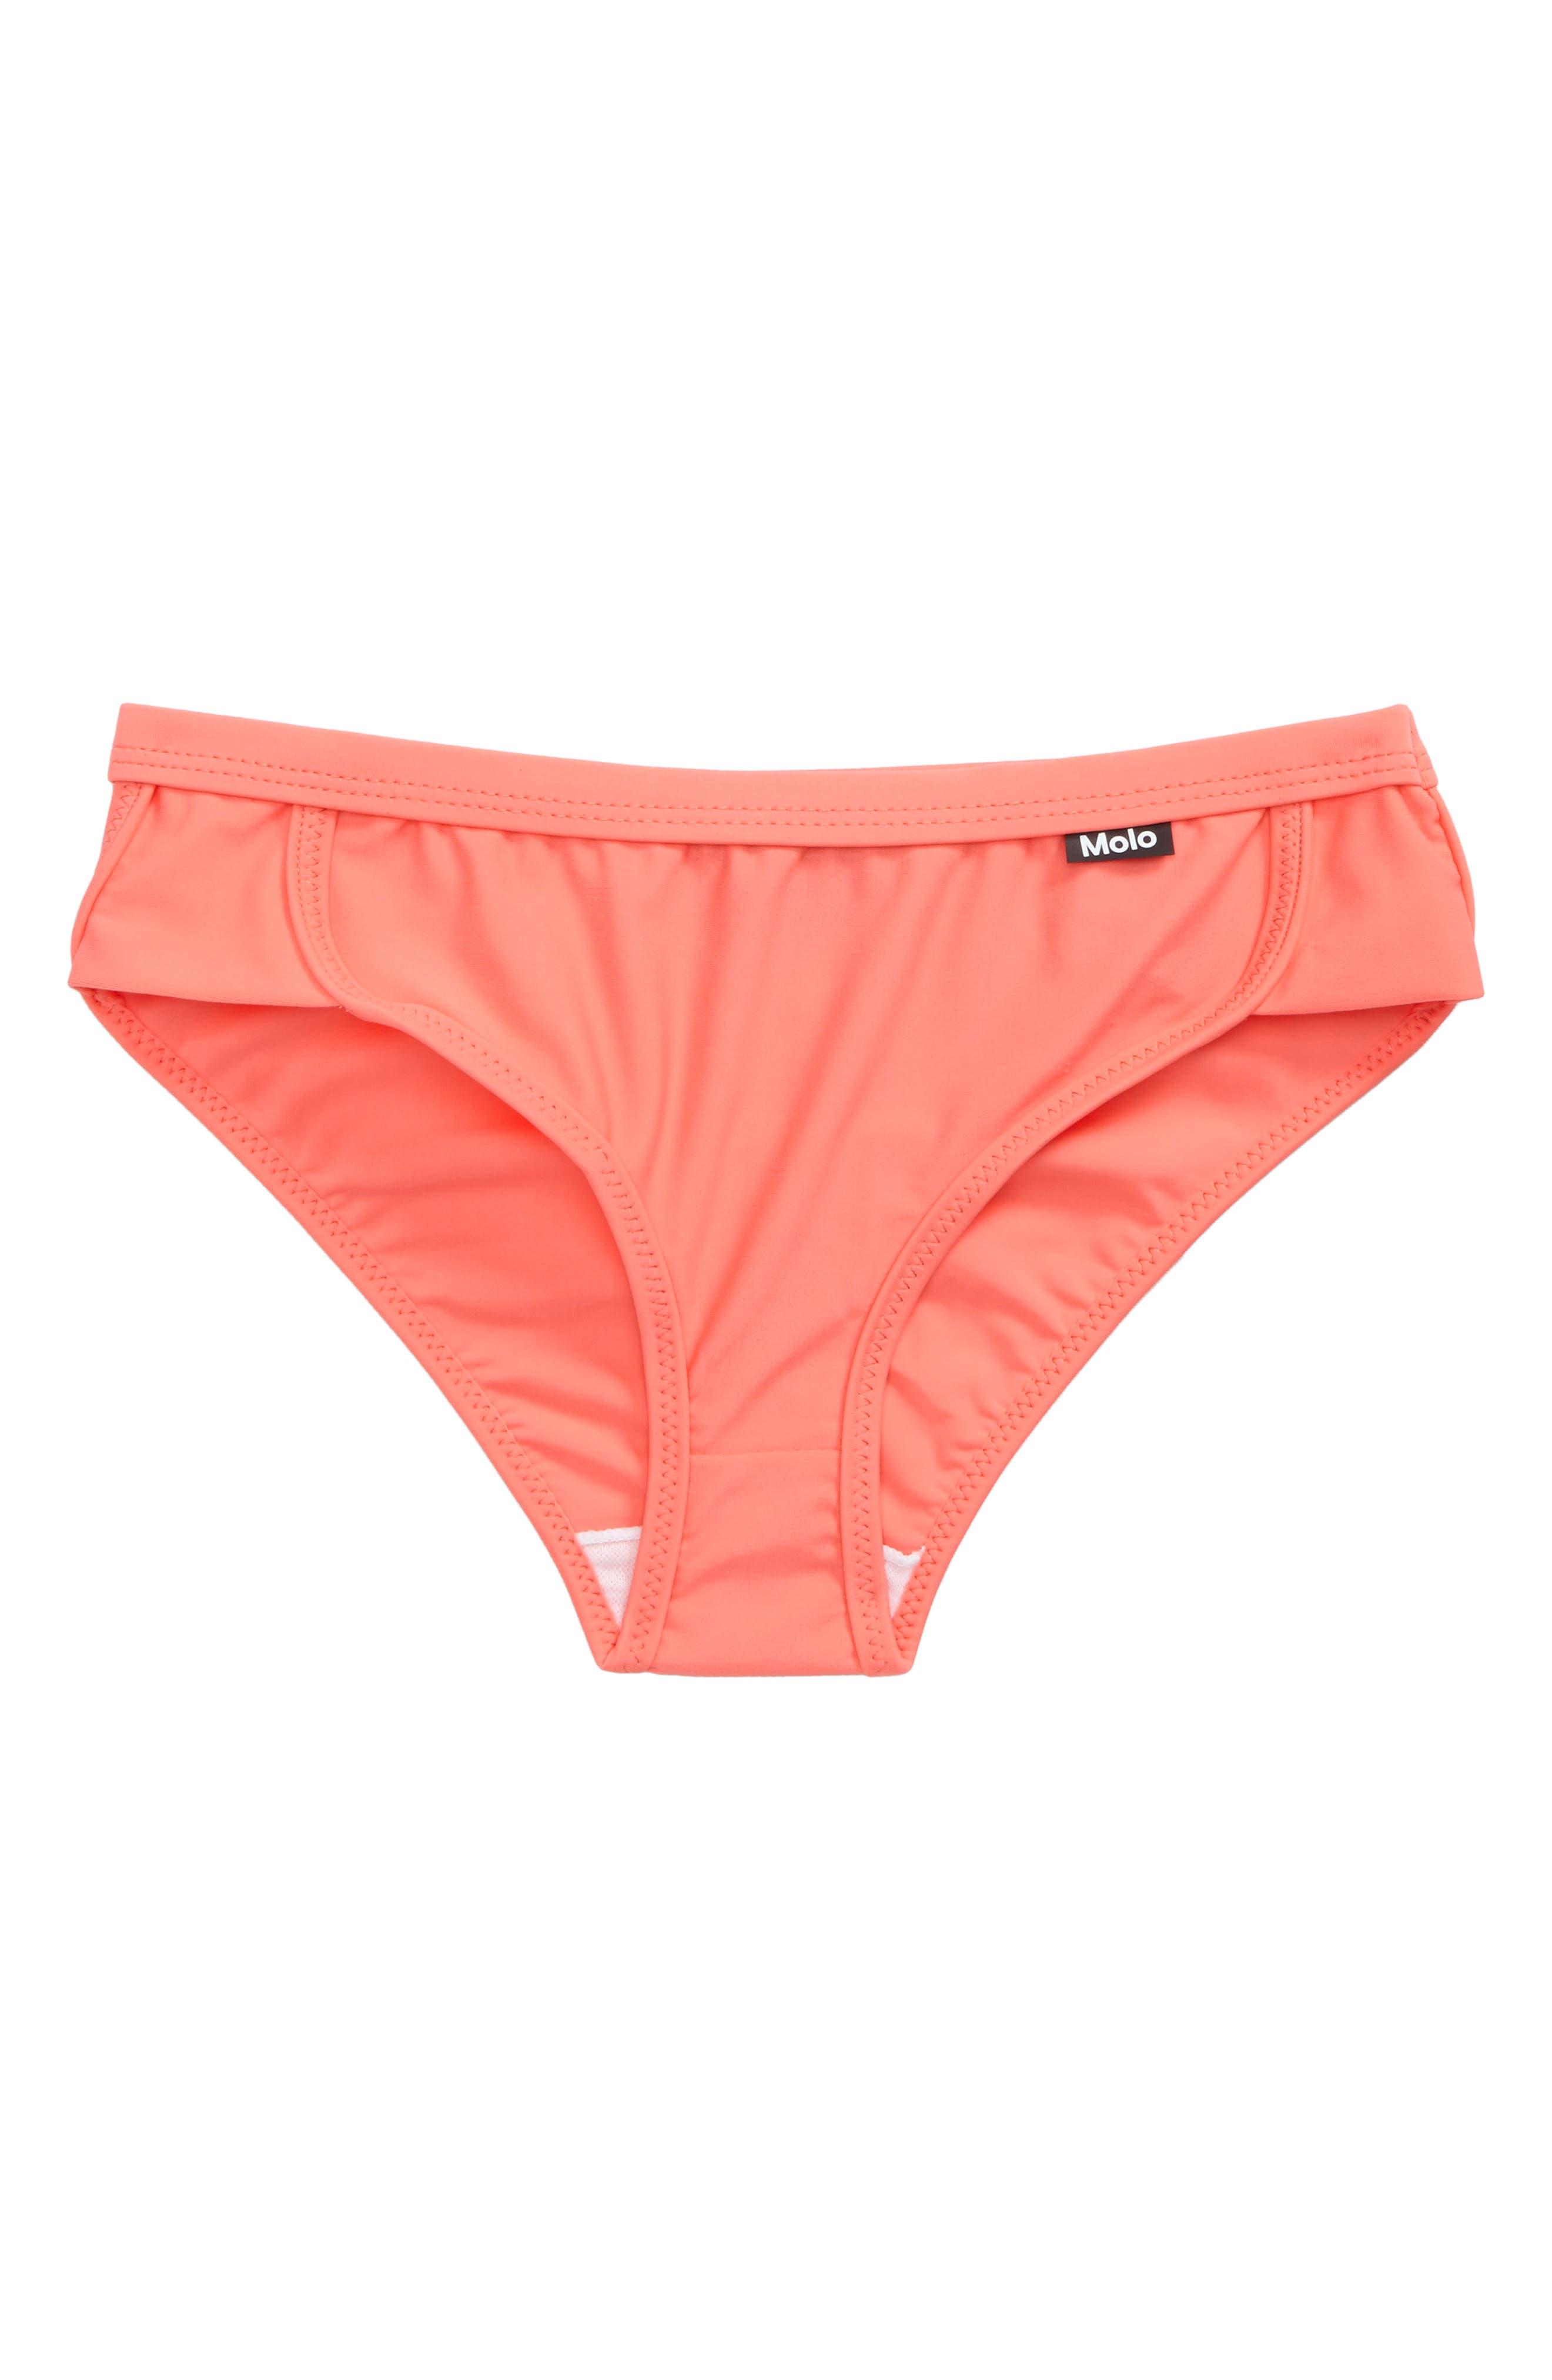 Nikki Bikini Bottoms,                         Main,                         color,